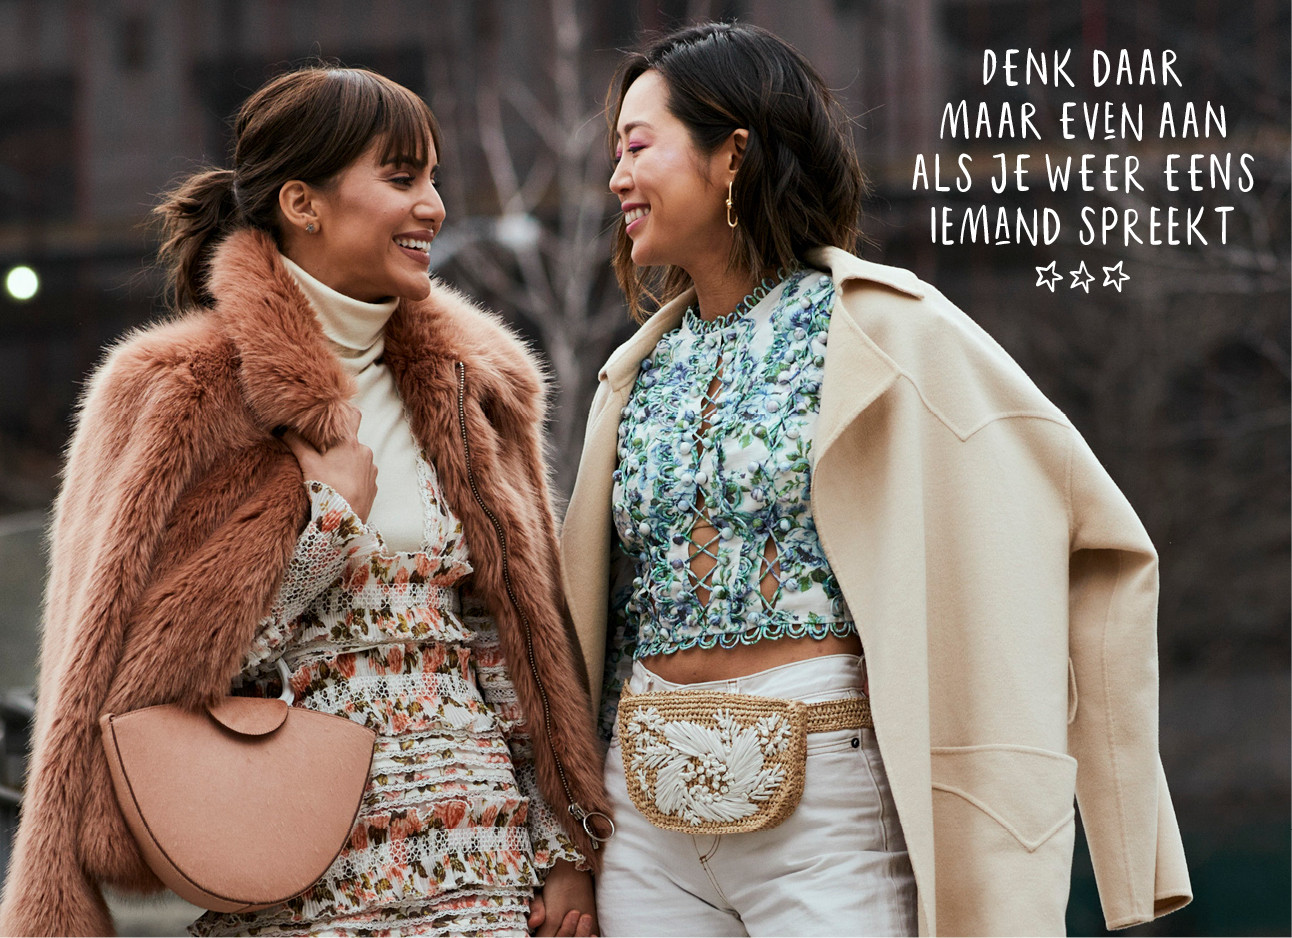 Goedgeklede vrouwen op straat pratend met elkaar